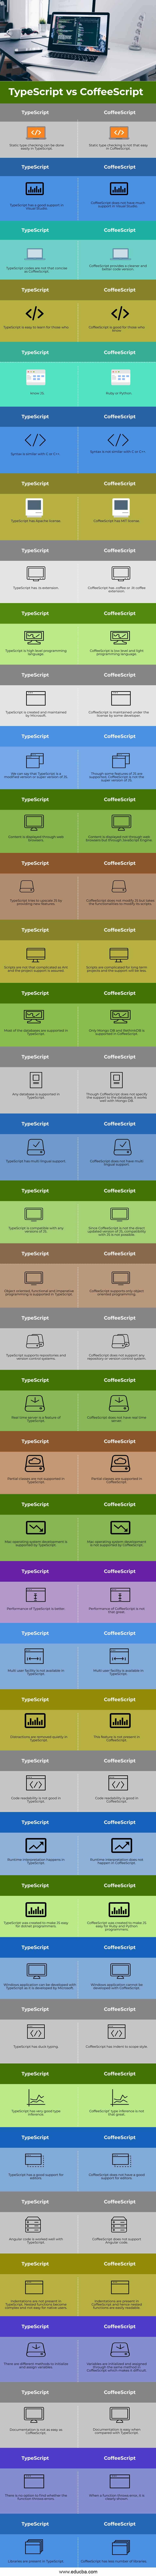 TypeScript-vs-CoffeeScript-info